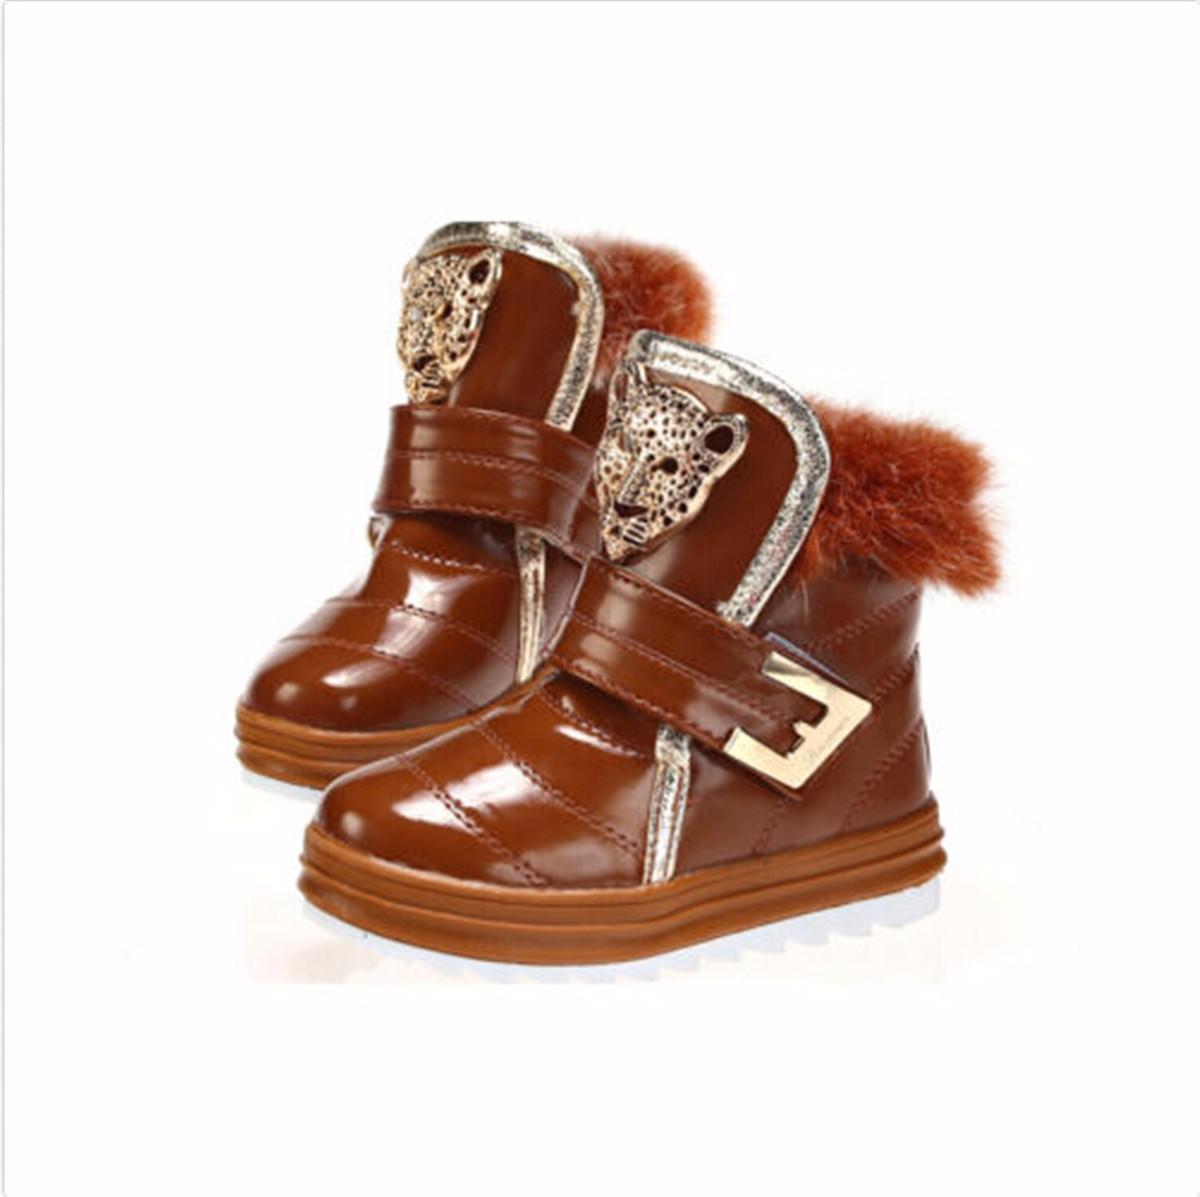 fashion winter children snow boots boy kid fur boots